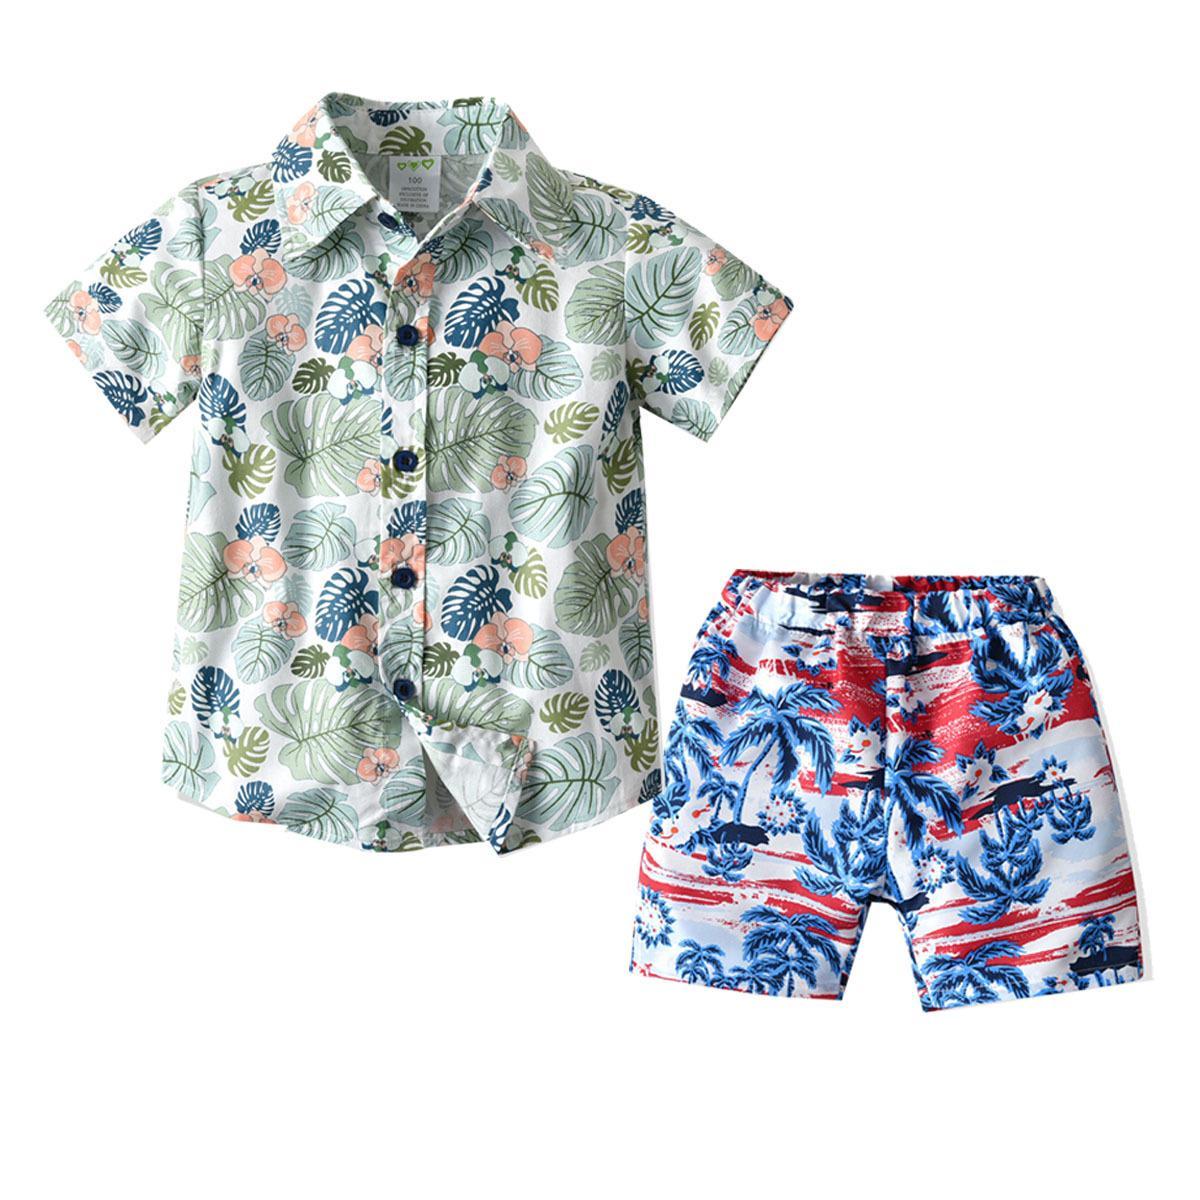 Reise 2020 Sommer-Junge-Set Kinder-Strand-Ferien-Strand-Hosen gedruckt Hemd Strand-Hosen-Set